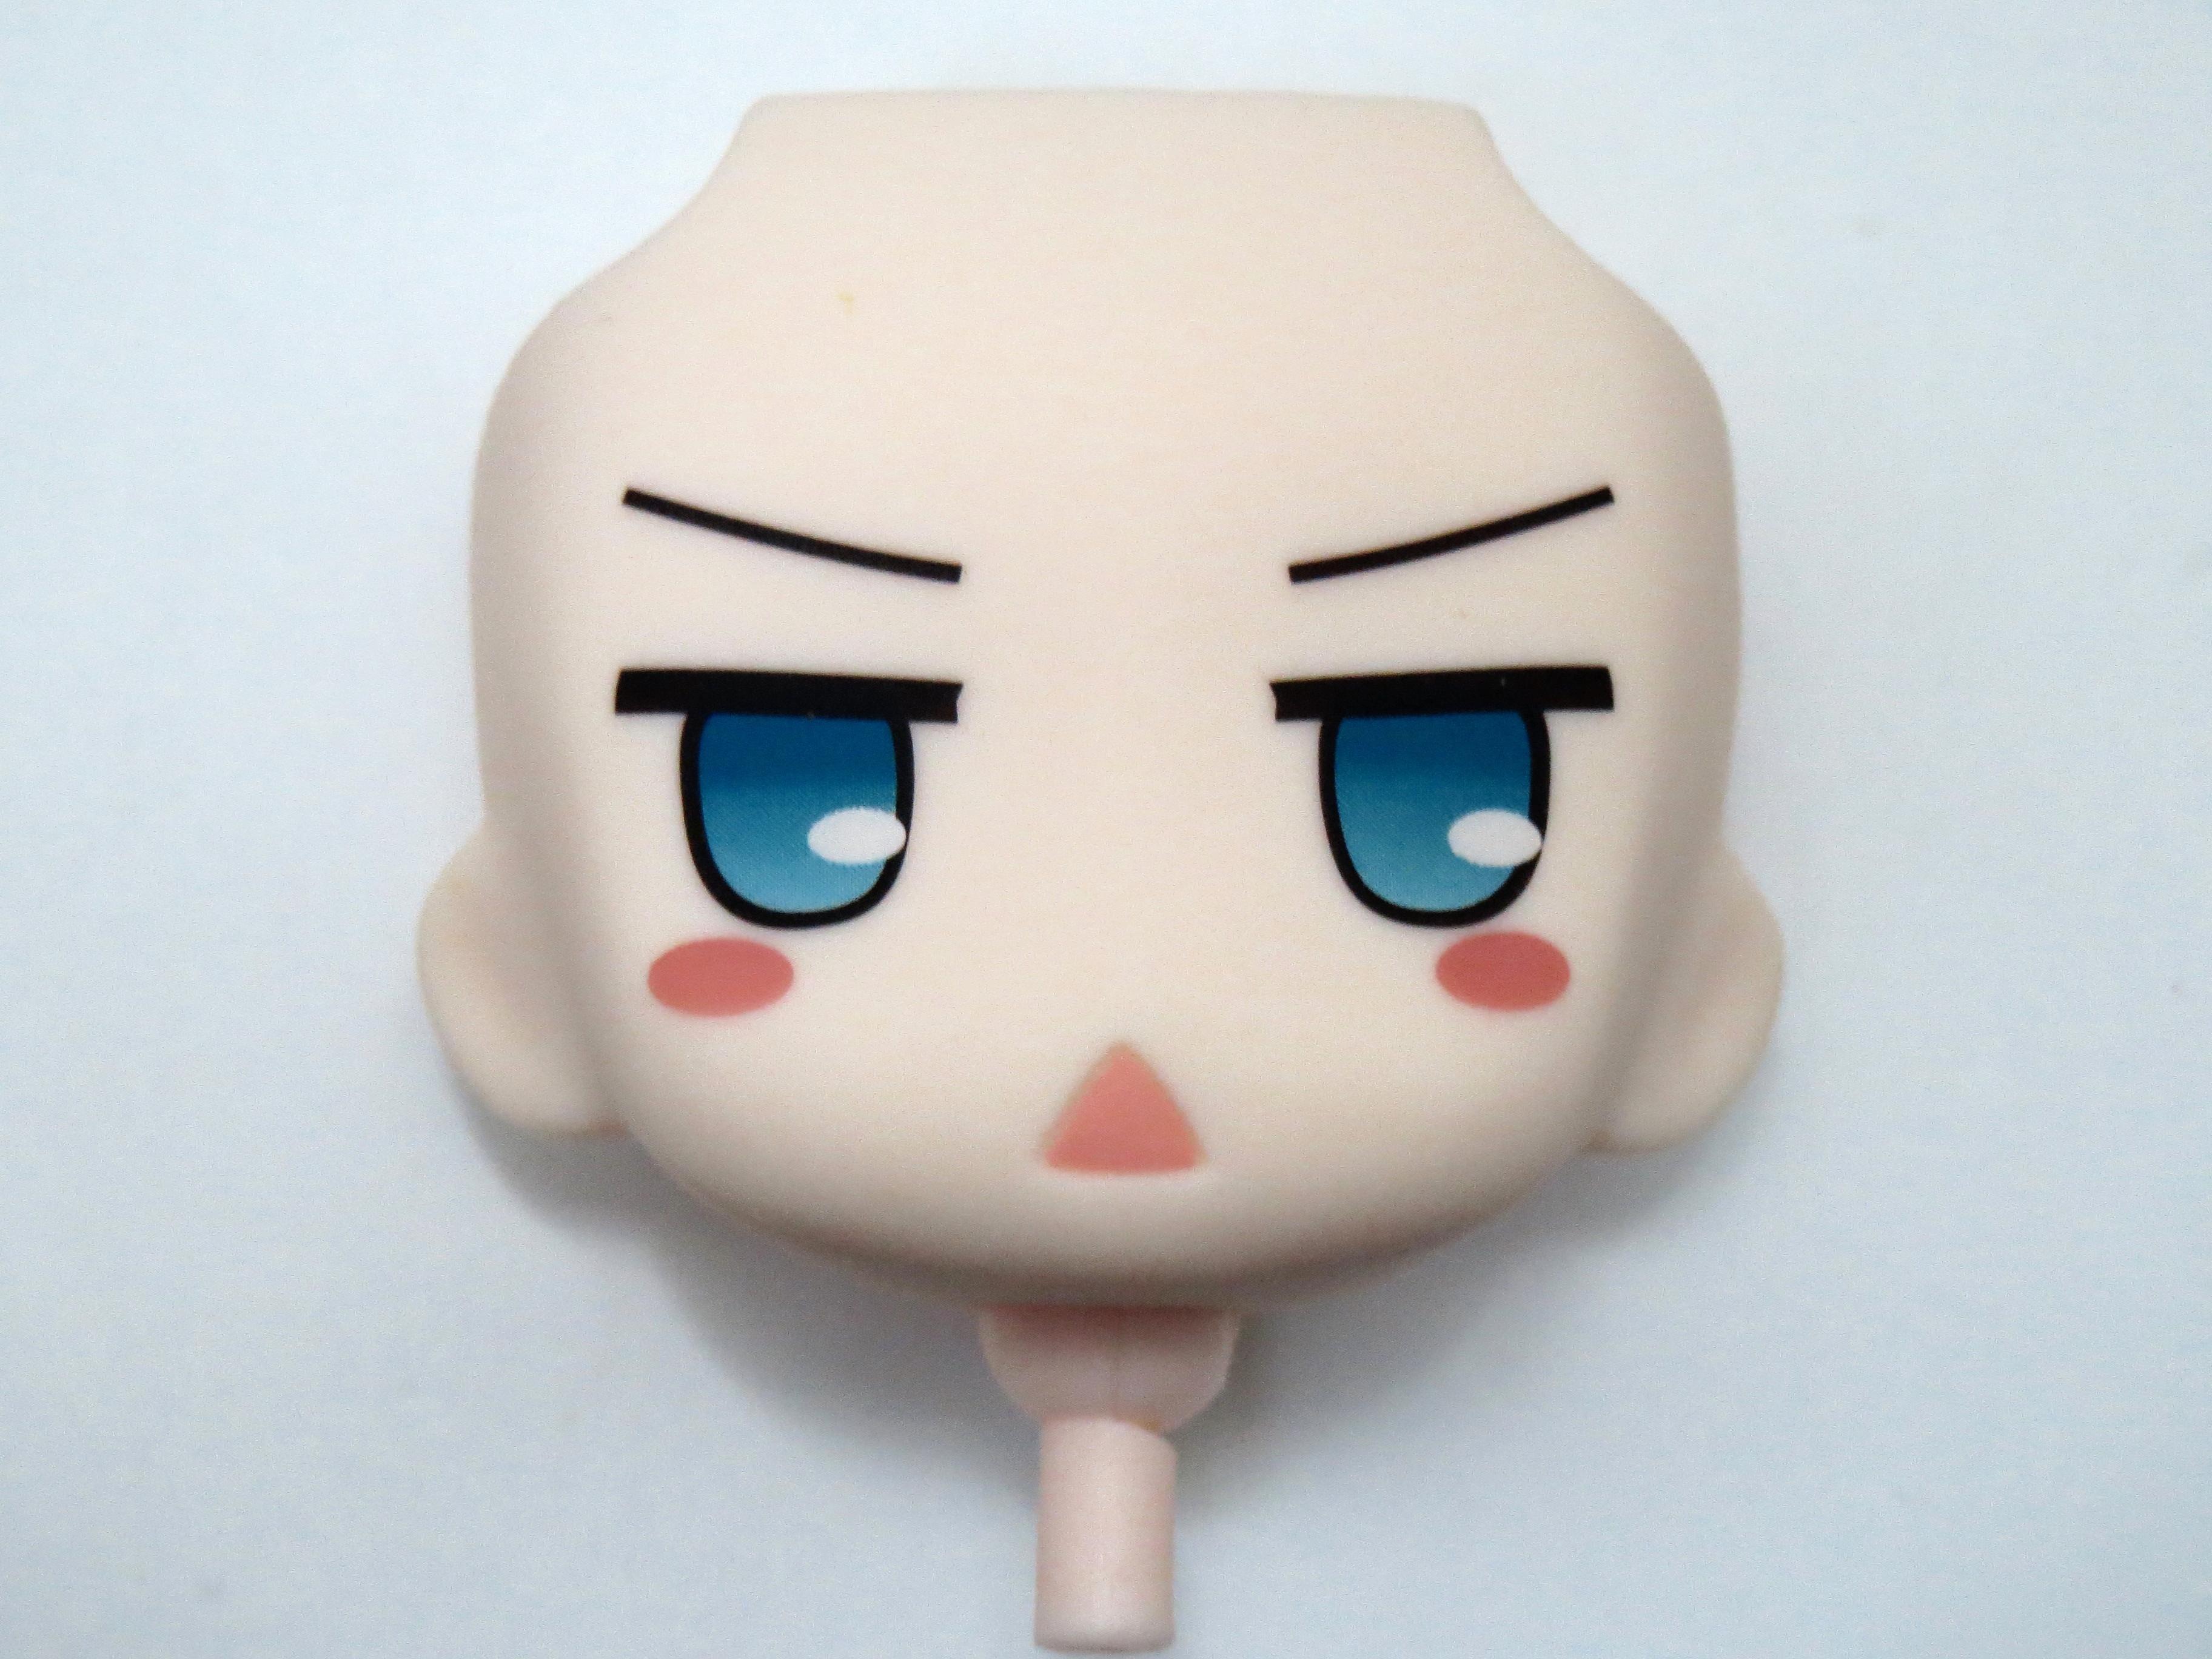 再入荷【286】 Lily from anim.o.v.e 顔パーツ ハリィ顔 ねんどろいど